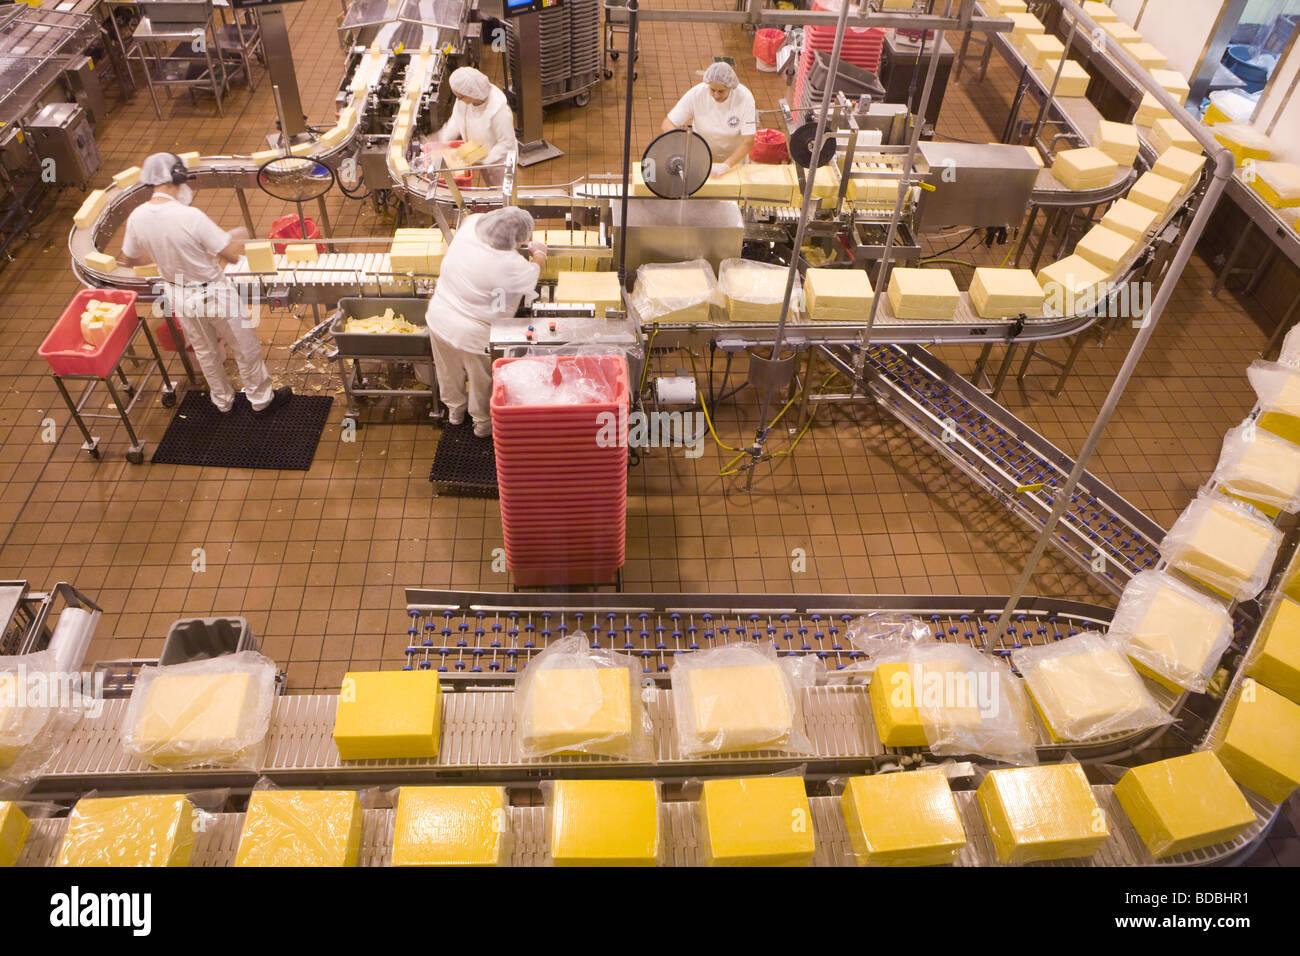 Les femmes sur la ligne de production de fromage cheddar à Tillamook cheese factory dans Tillamook Oregon Photo Stock